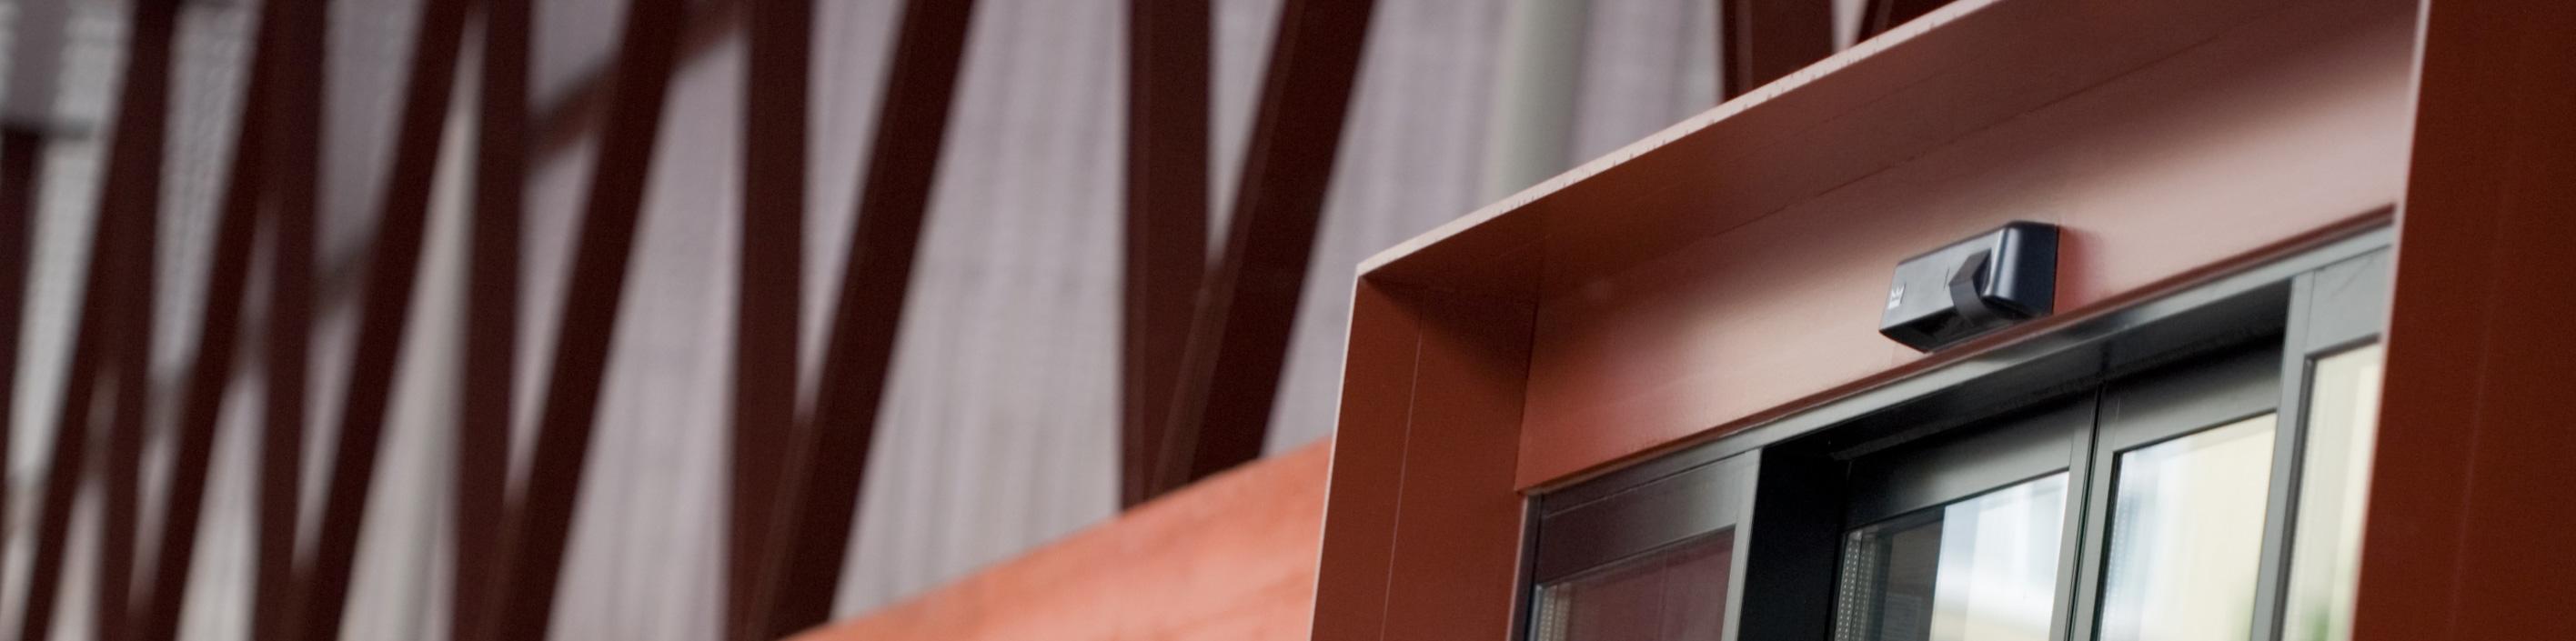 Alustahl-Eingangsanlage-mit-automatischer-Schiebetuer-frontseite_slider